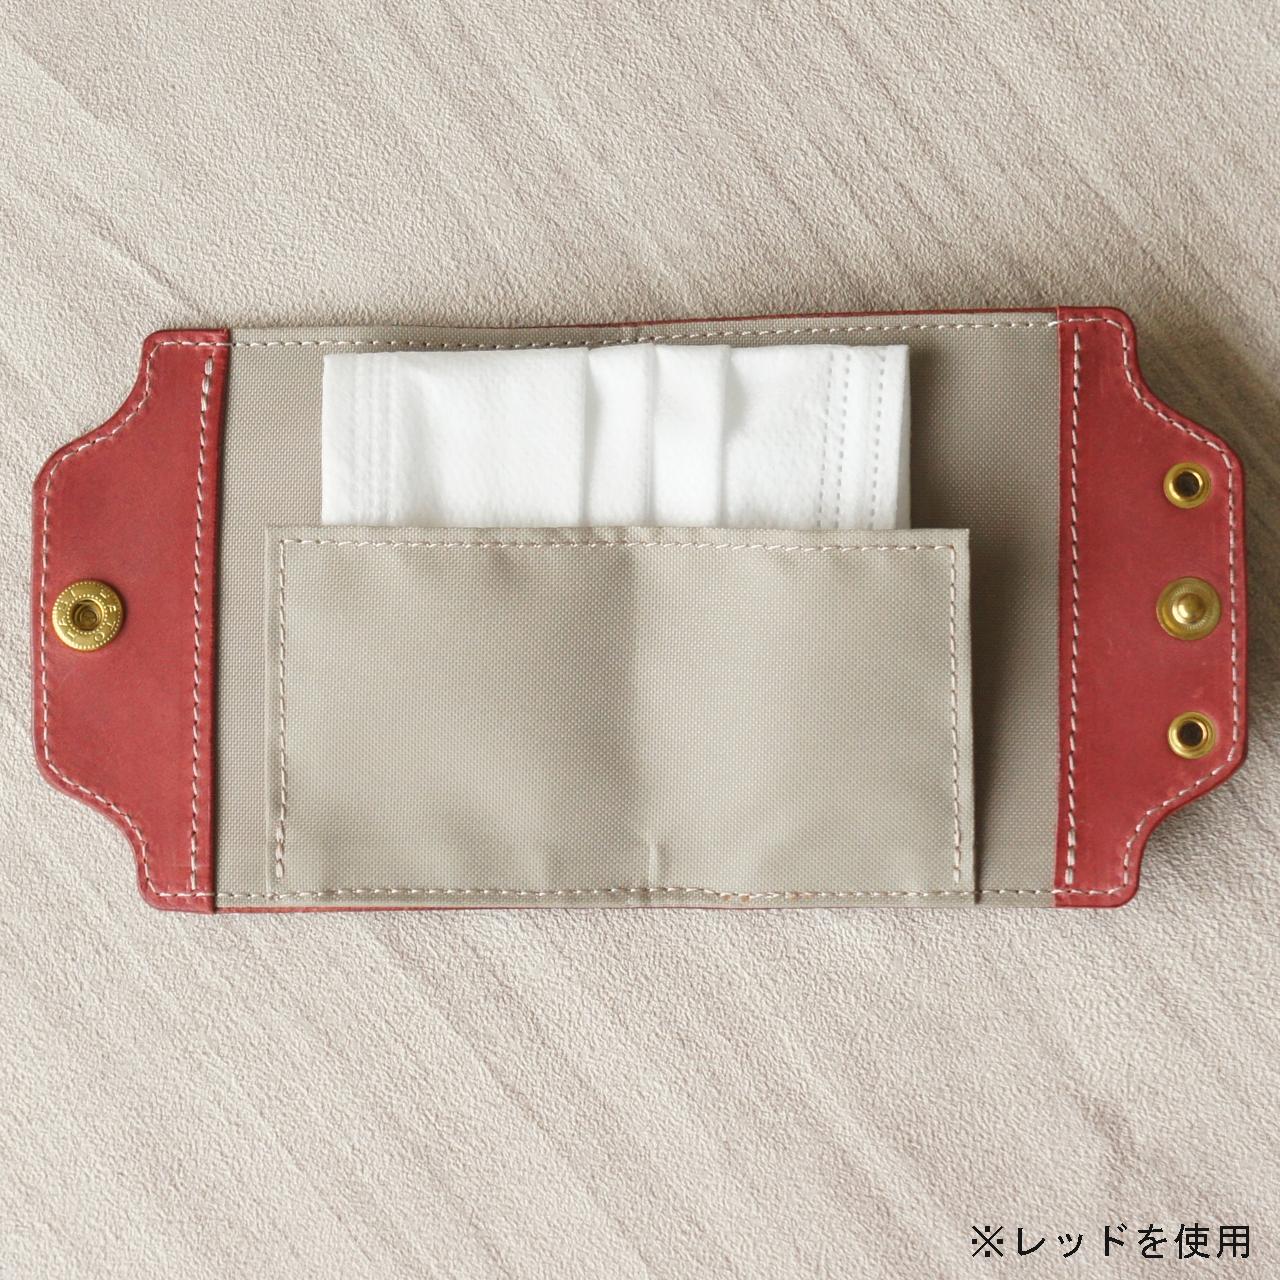 【抗菌】マスクケース(レッド)★布マスク・不織布マスク両対応